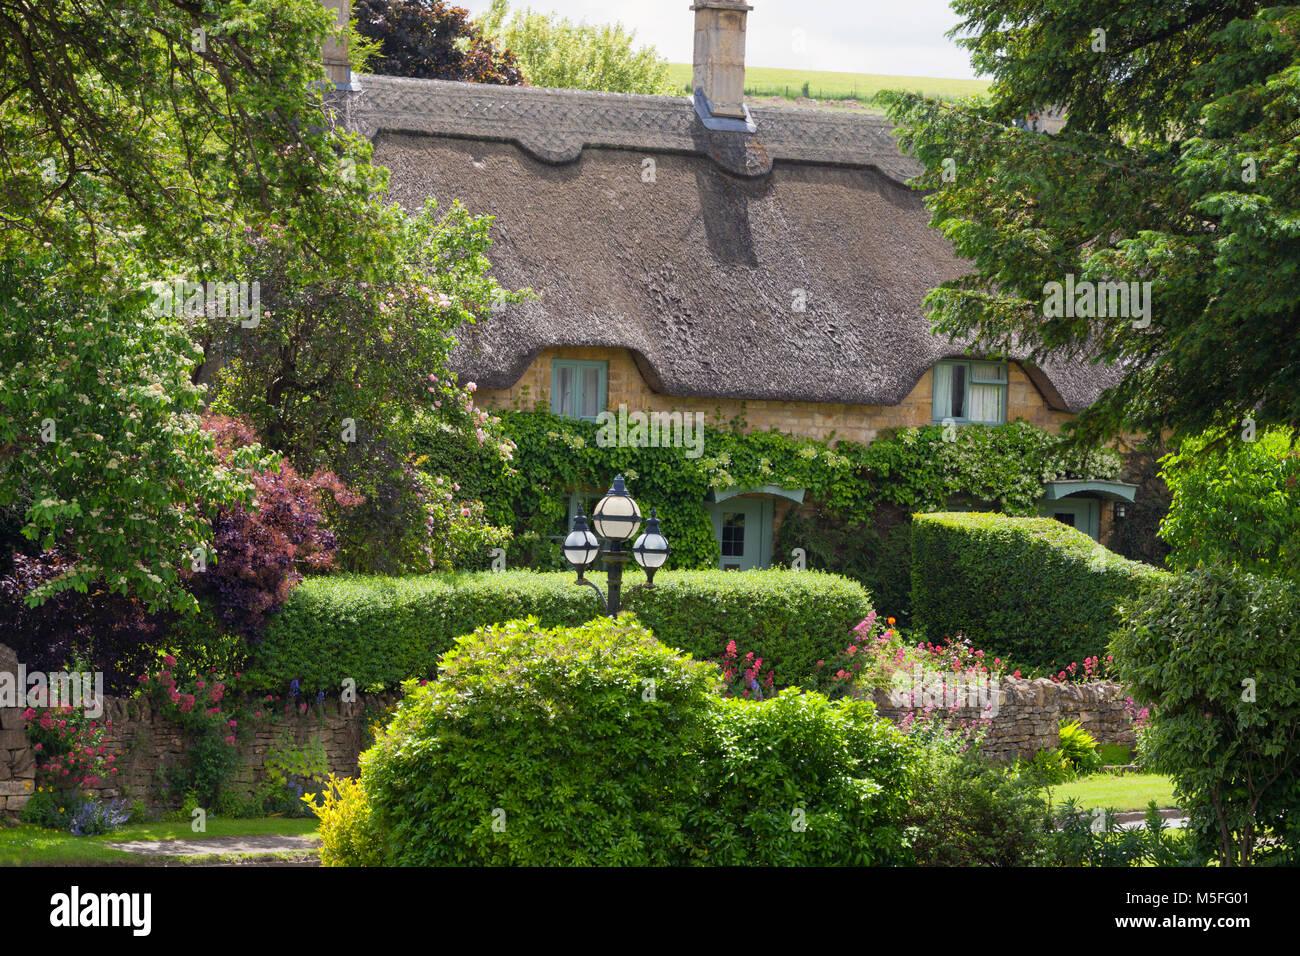 Englisches Cottage charmante strohdach englisches cottage in ländlichen landschaft